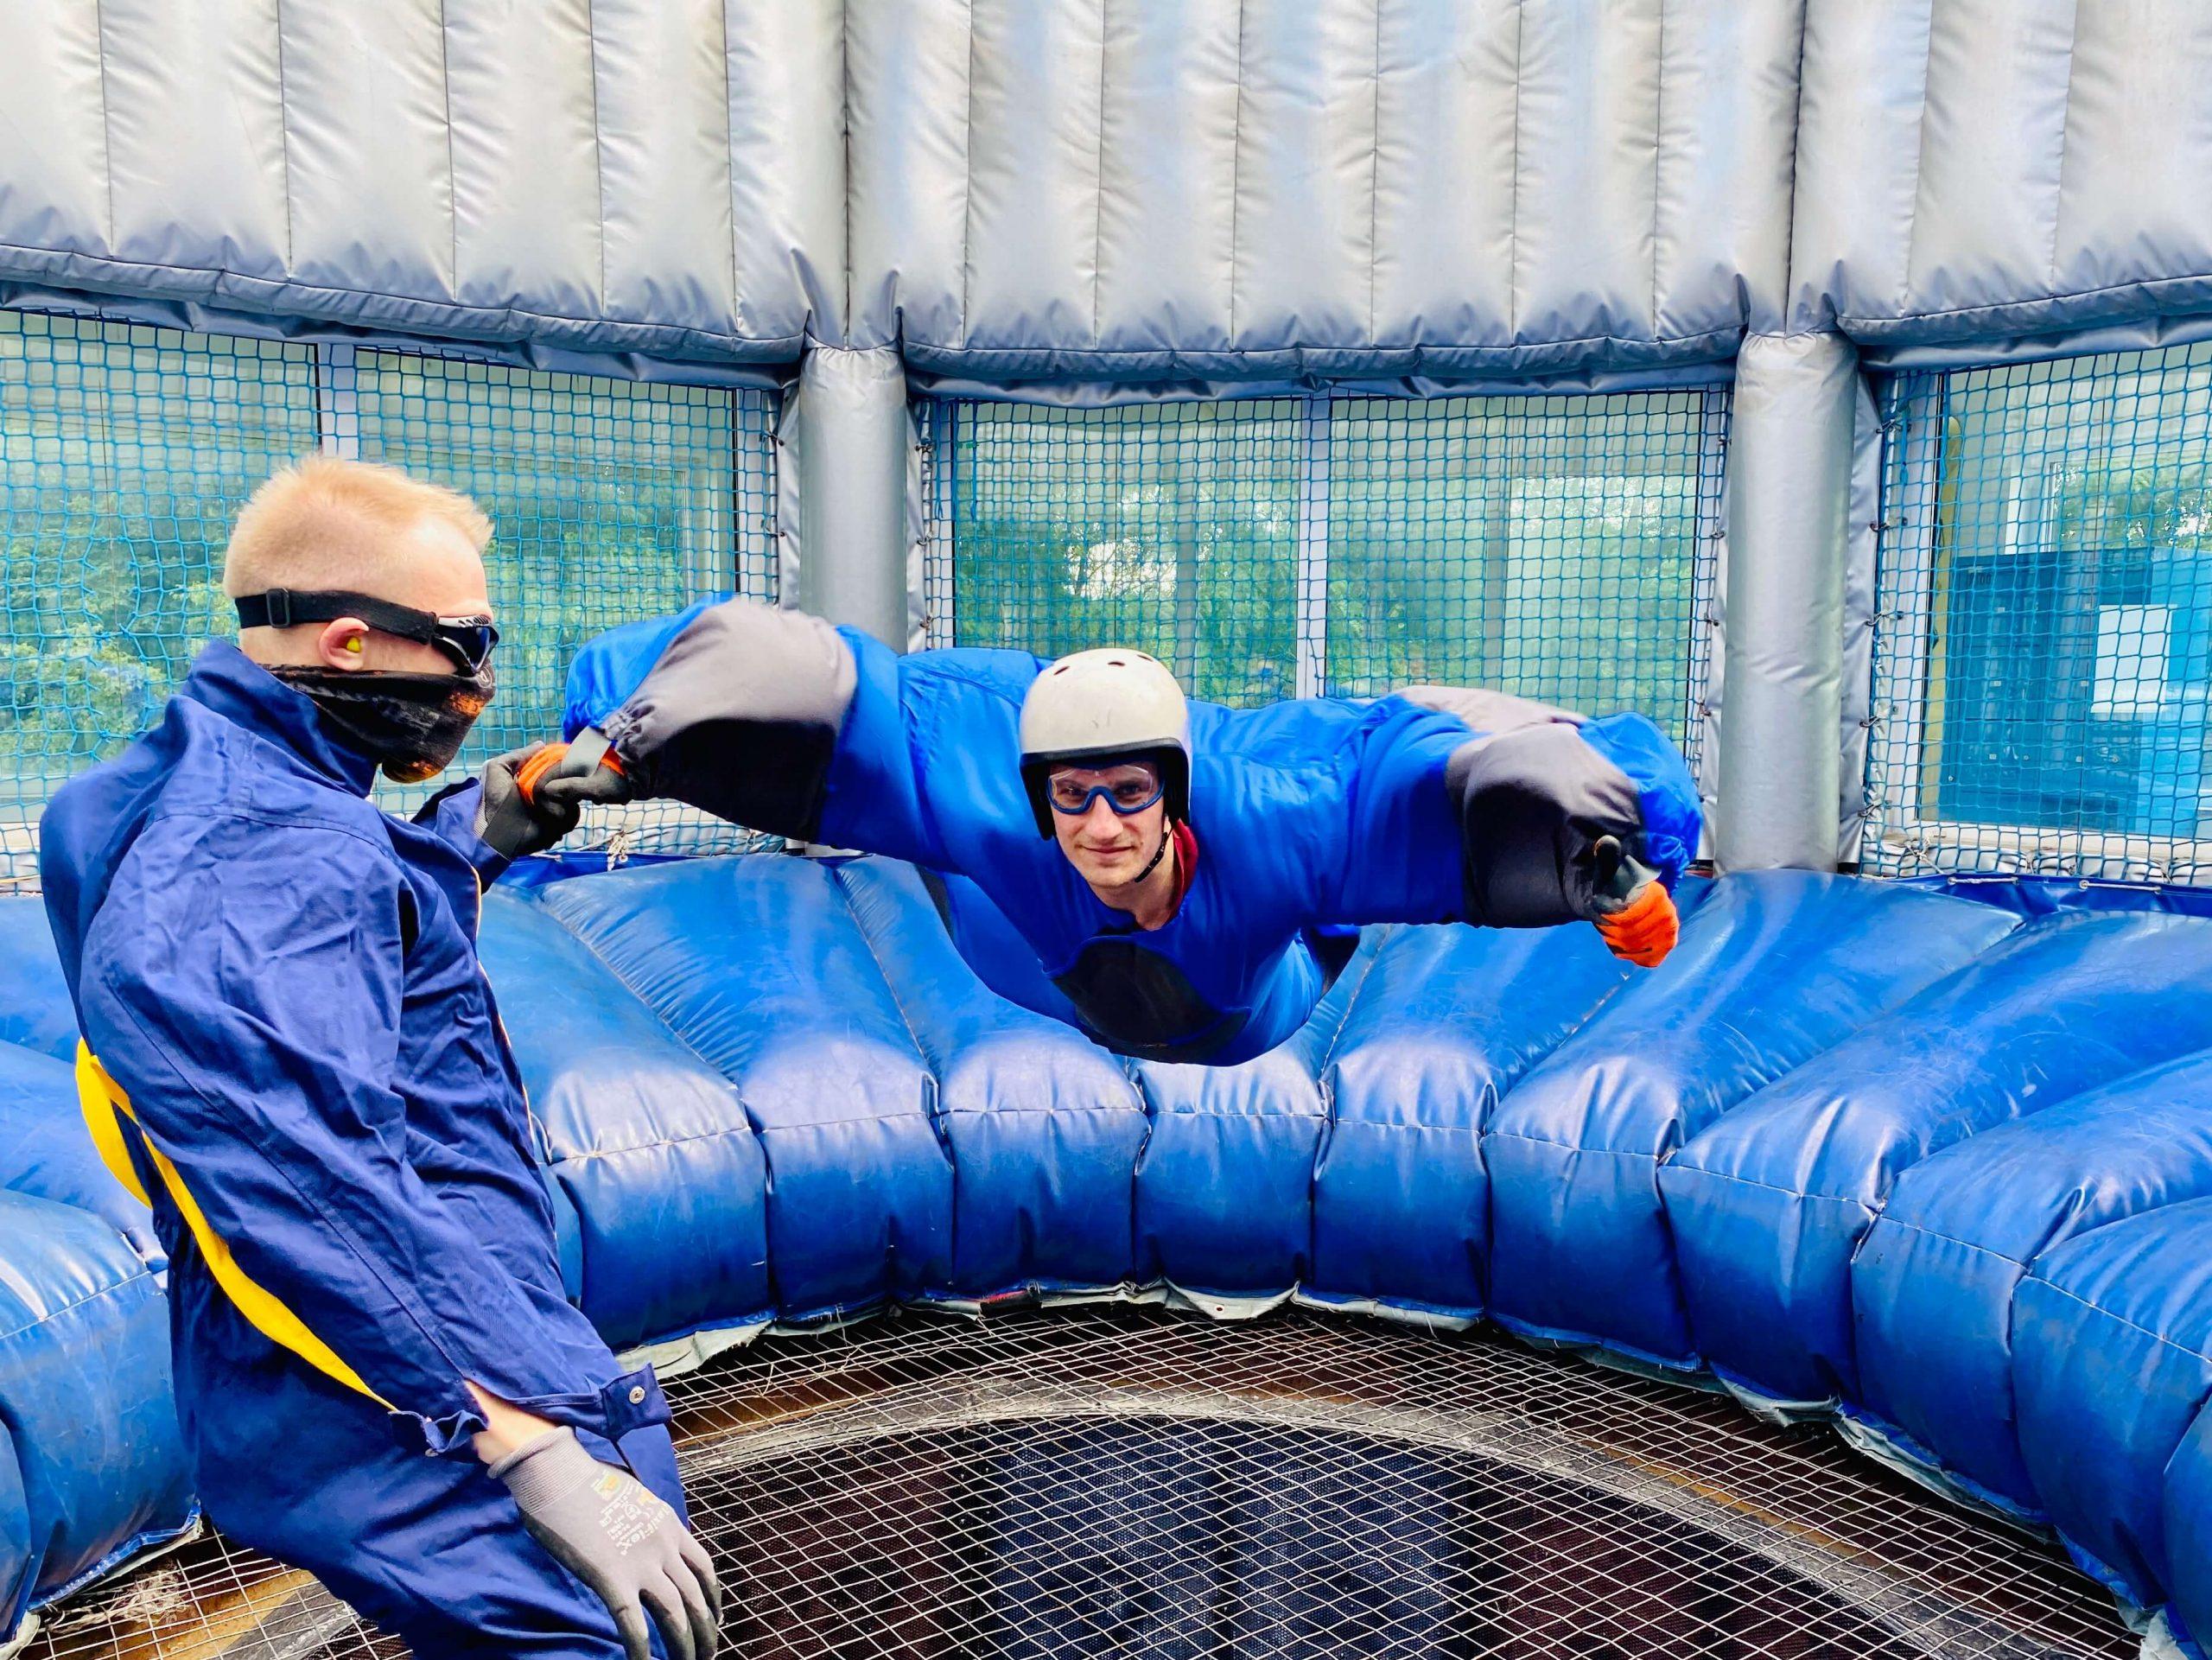 Fliegen-wie-beim-Fallschirmsprung-bei-der-air-power-arena-bodyflying-erlebnisse-in-hückelhoven